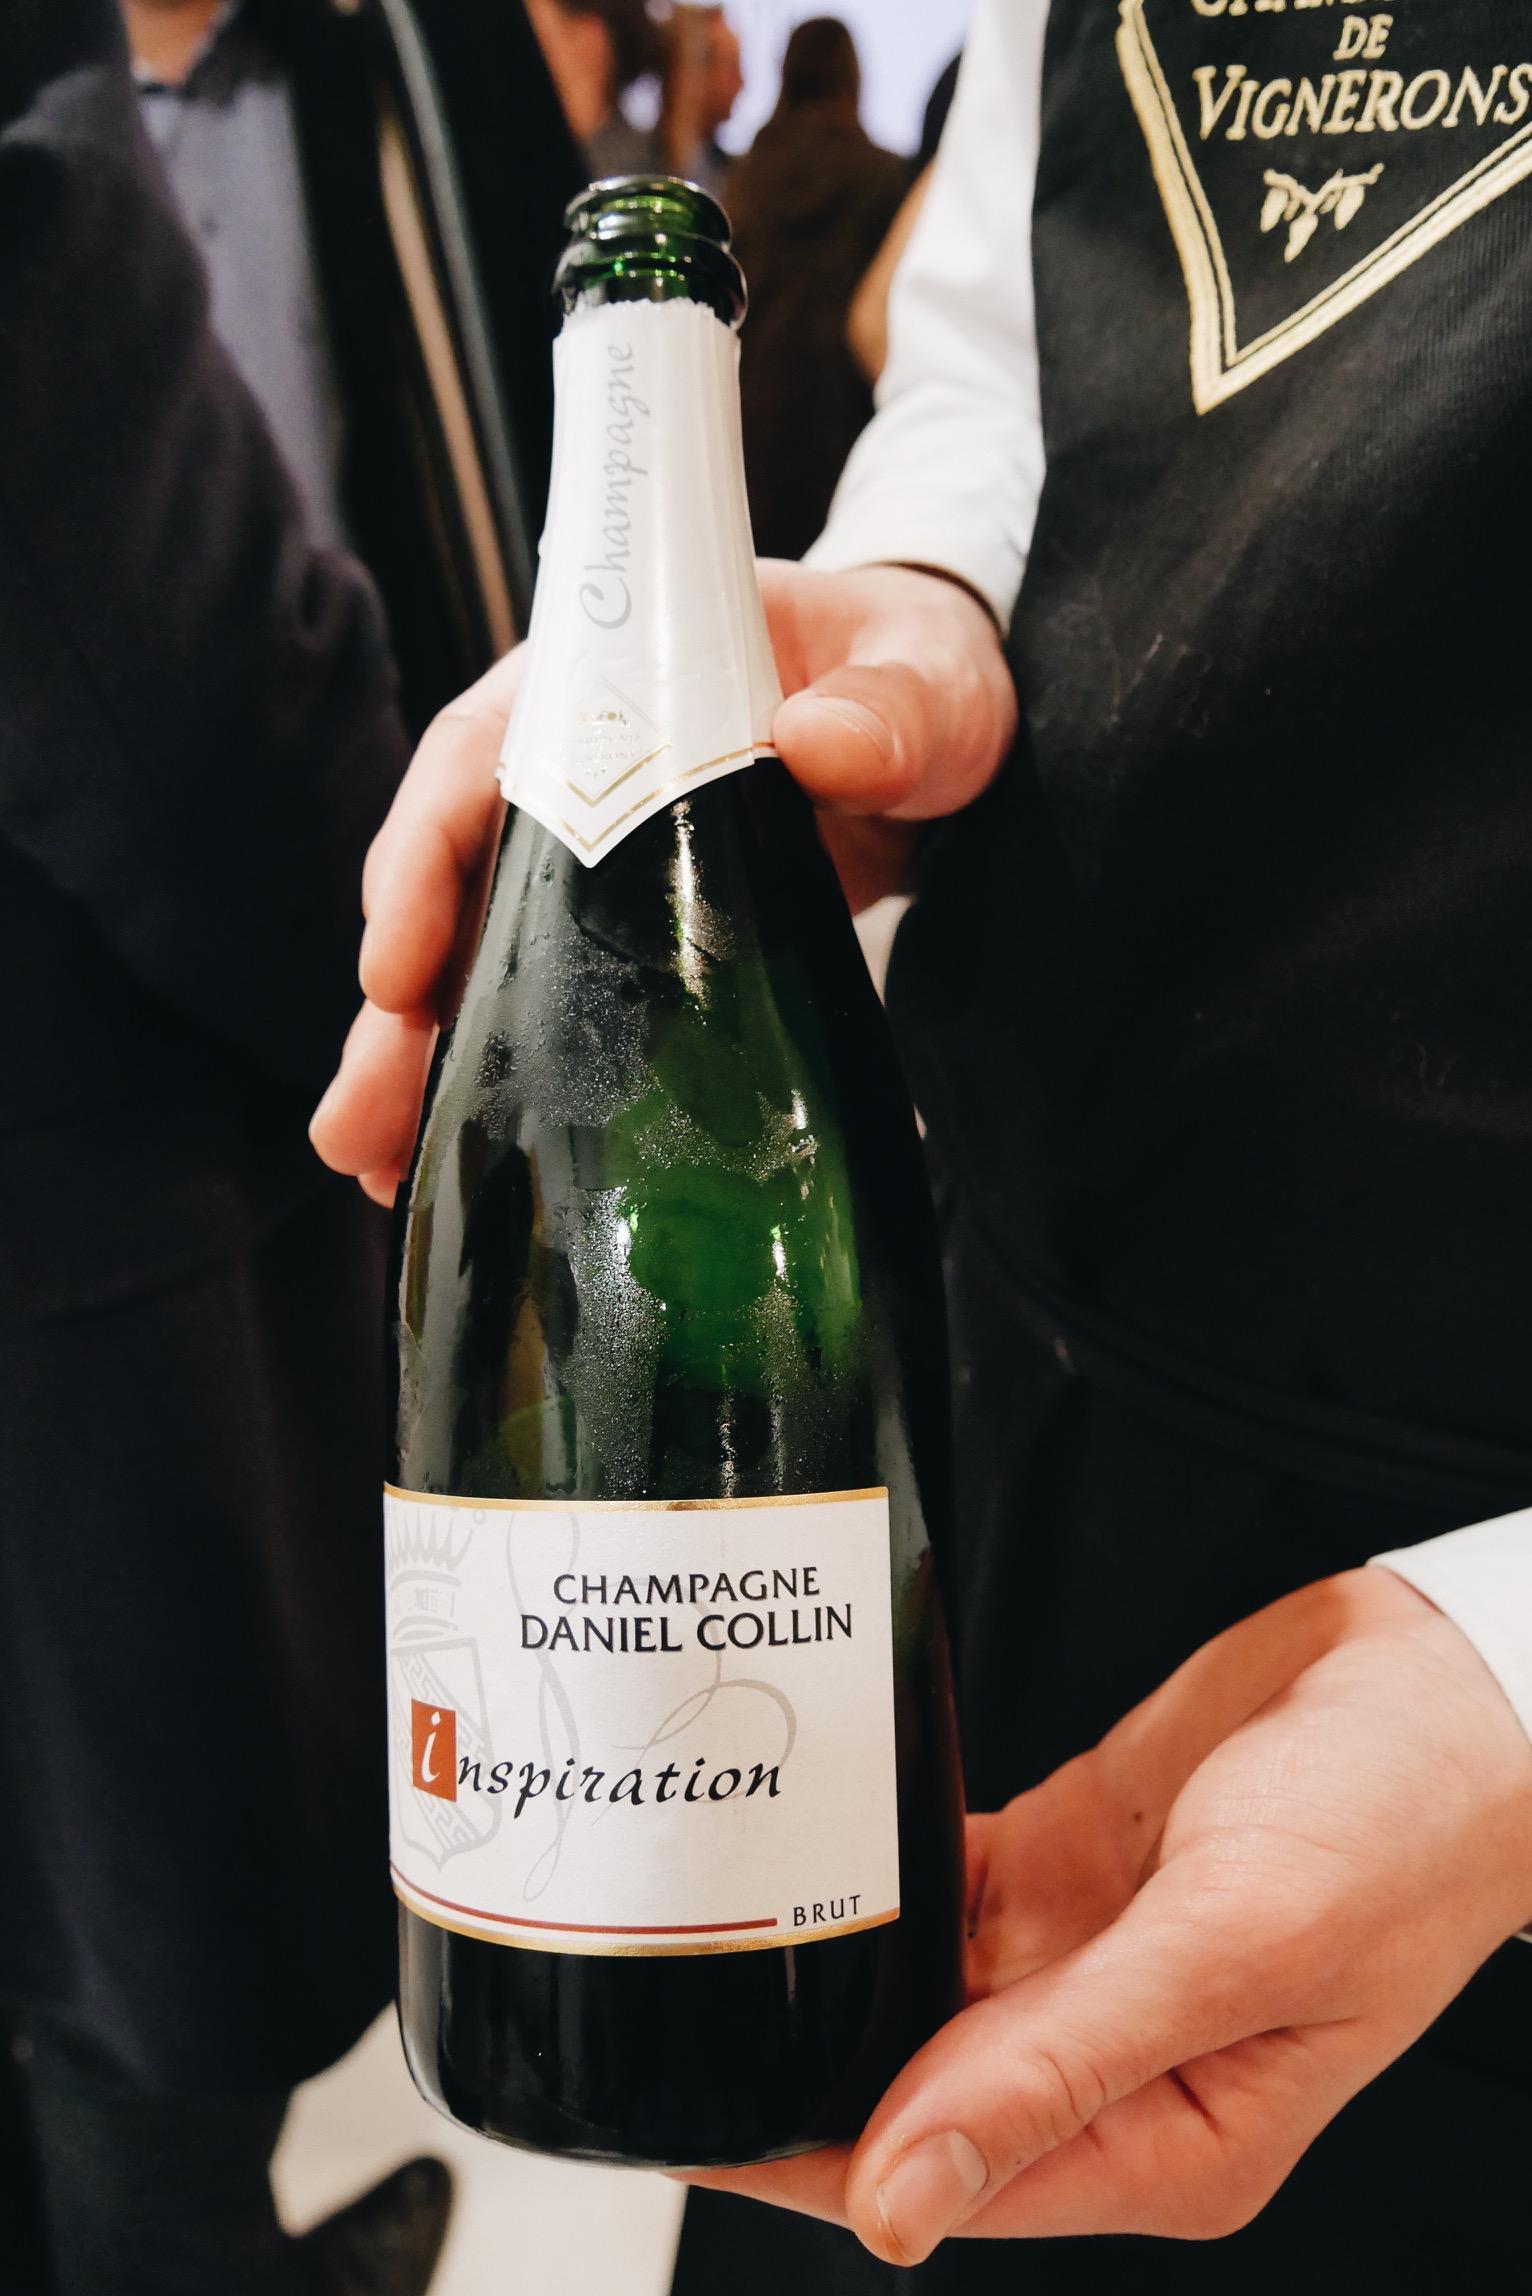 Champagne-Daniel-Collin-côte-des-blancs-dégustation-champagnes-de-vignerons-photo-usofparis-blog